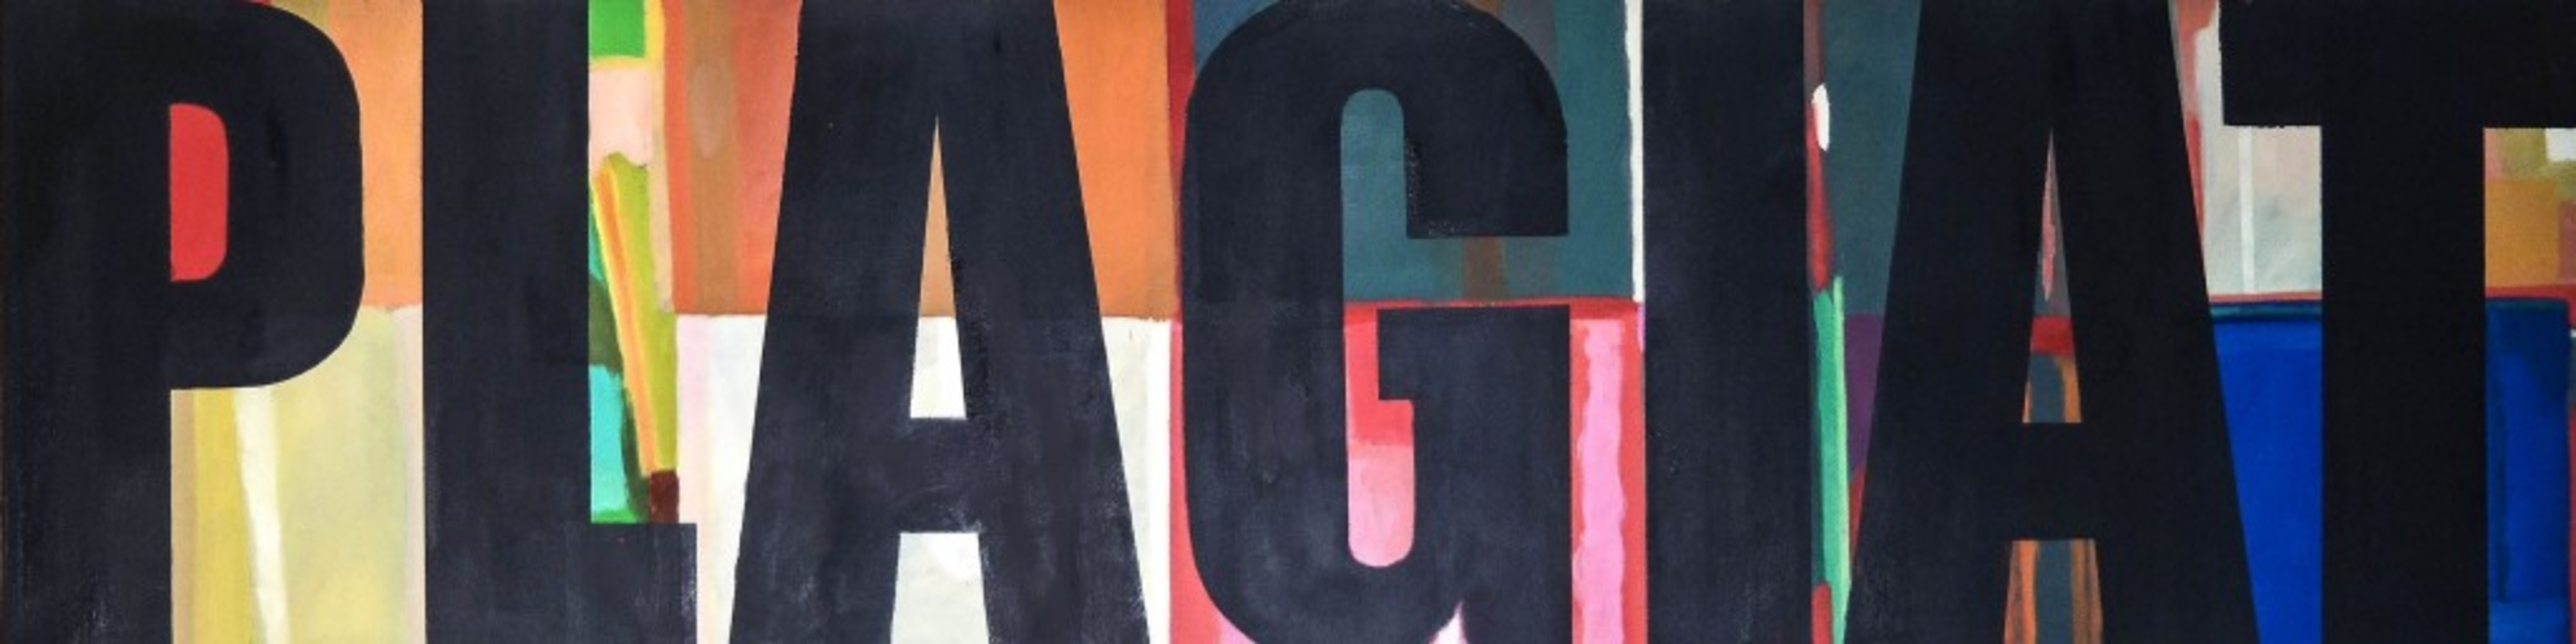 PLAGIAT  Pintura de Dirk Großer   Compra arte en Flecha.es